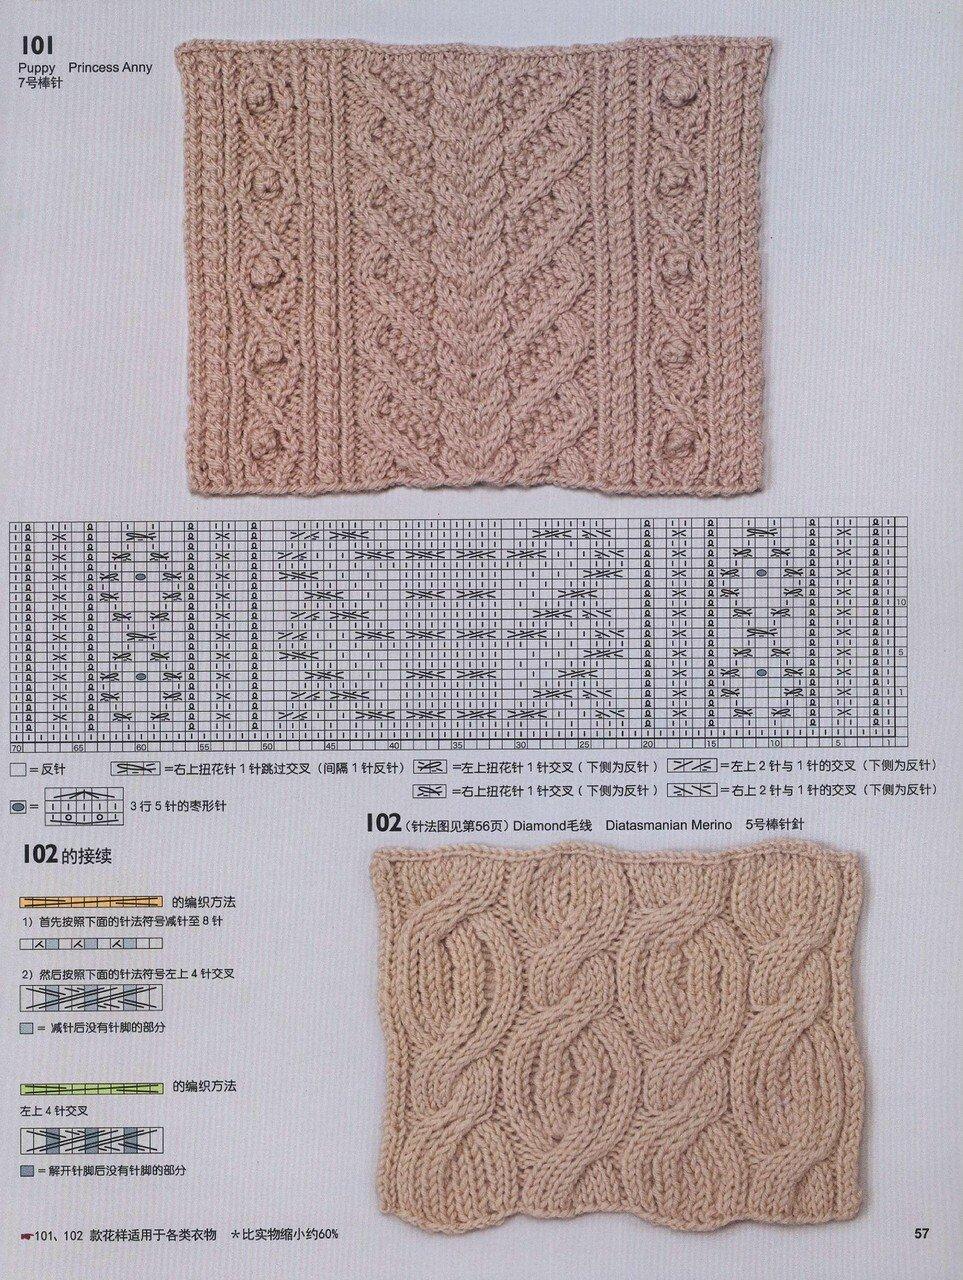 150 Knitting_59.jpg